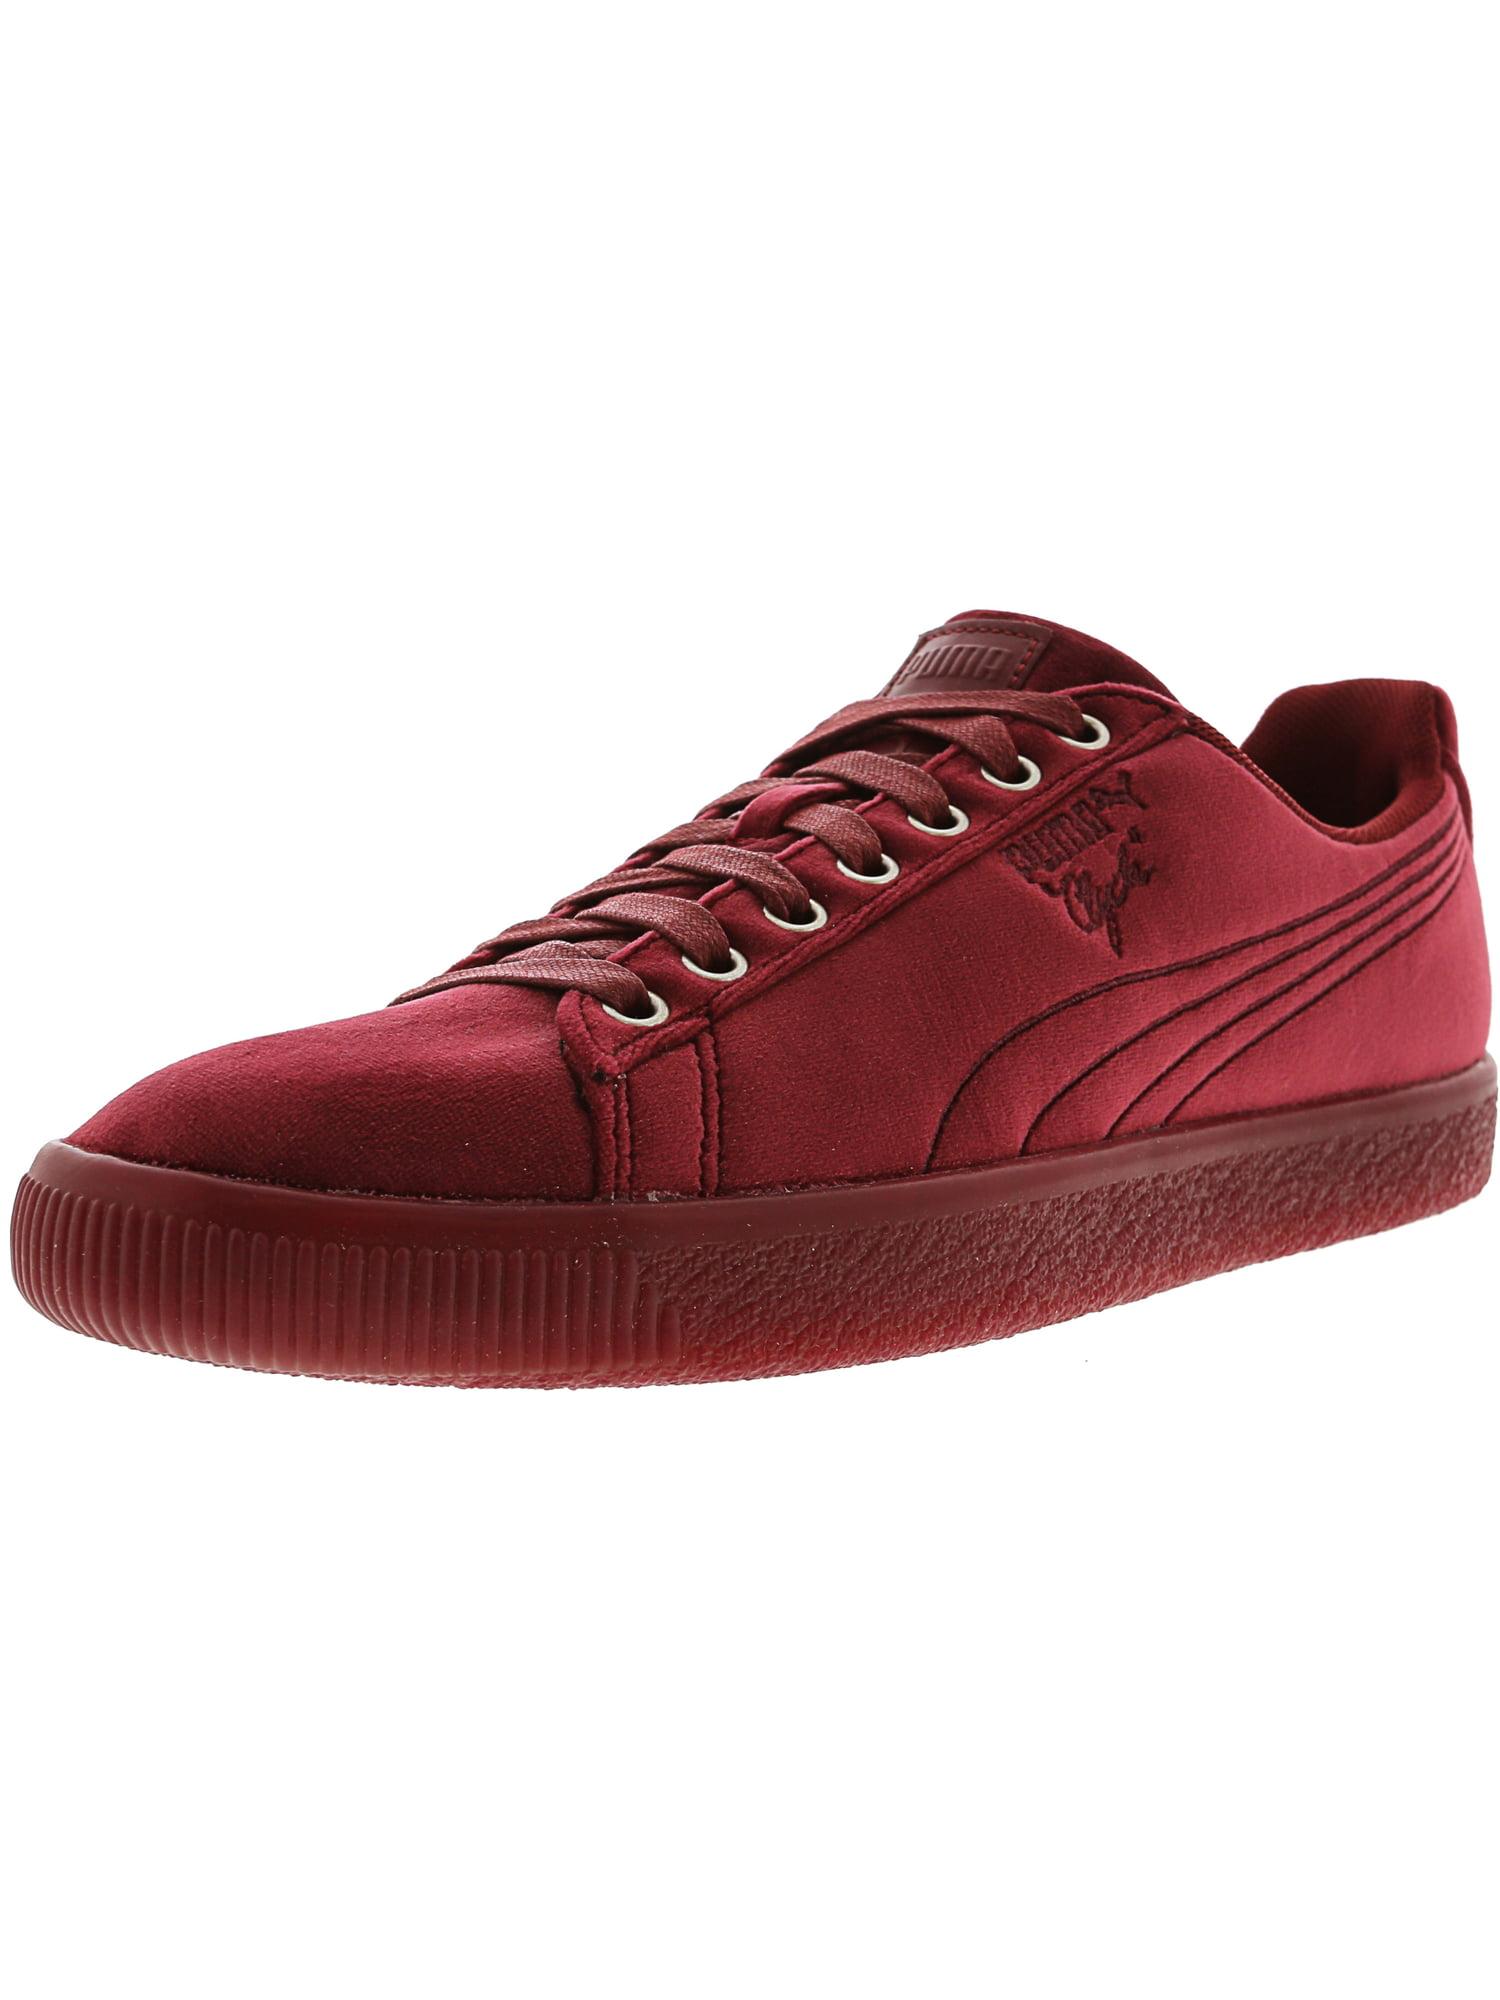 Puma Men's Clyde Velour Ice Peacoat Ankle-High Velvet Fashion Sneaker - 11M